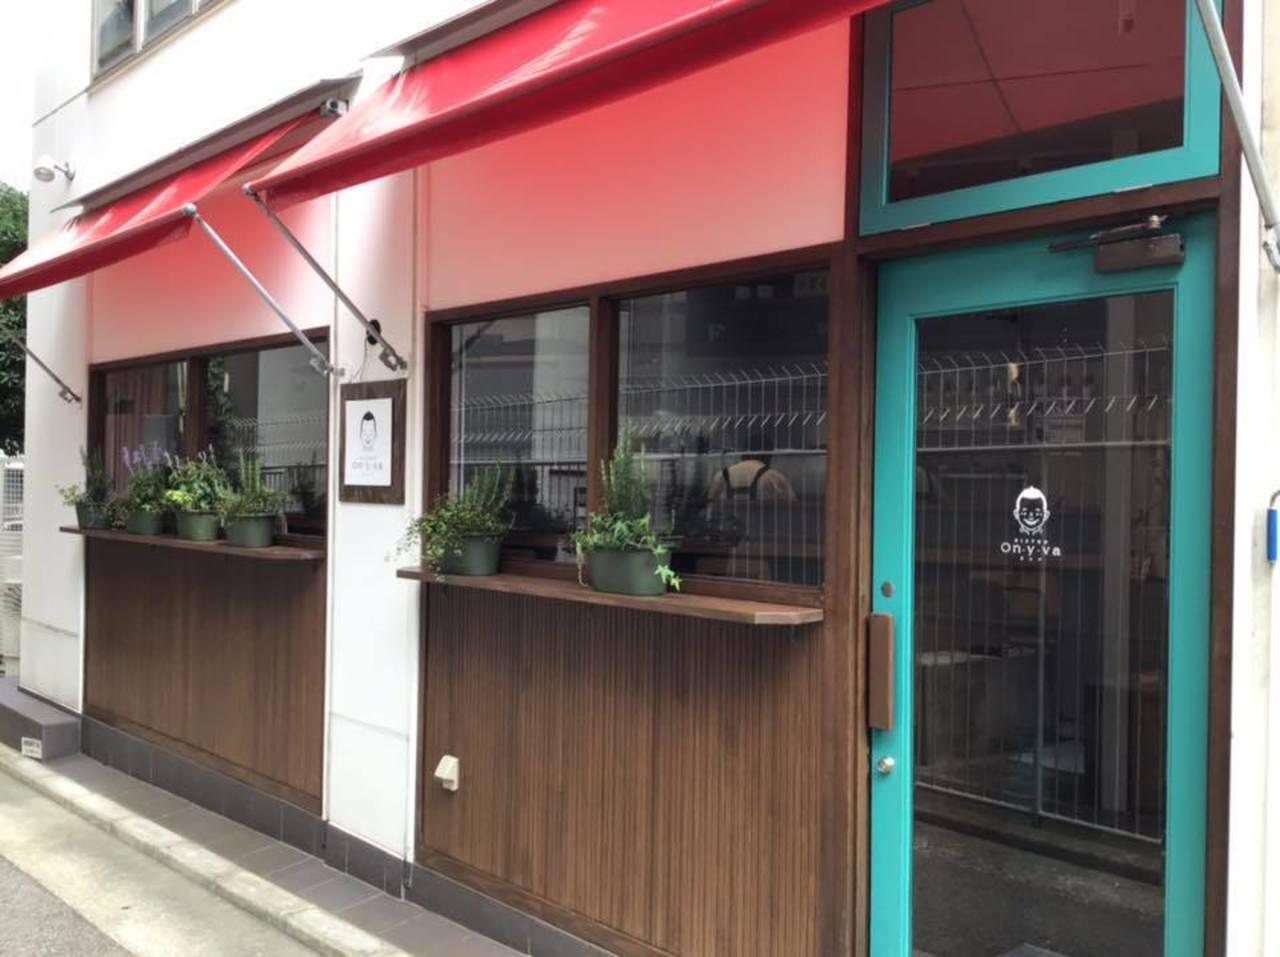 神戸市中央区下山手通3丁目にビストロ「オニバ」が明日オープンのようです。